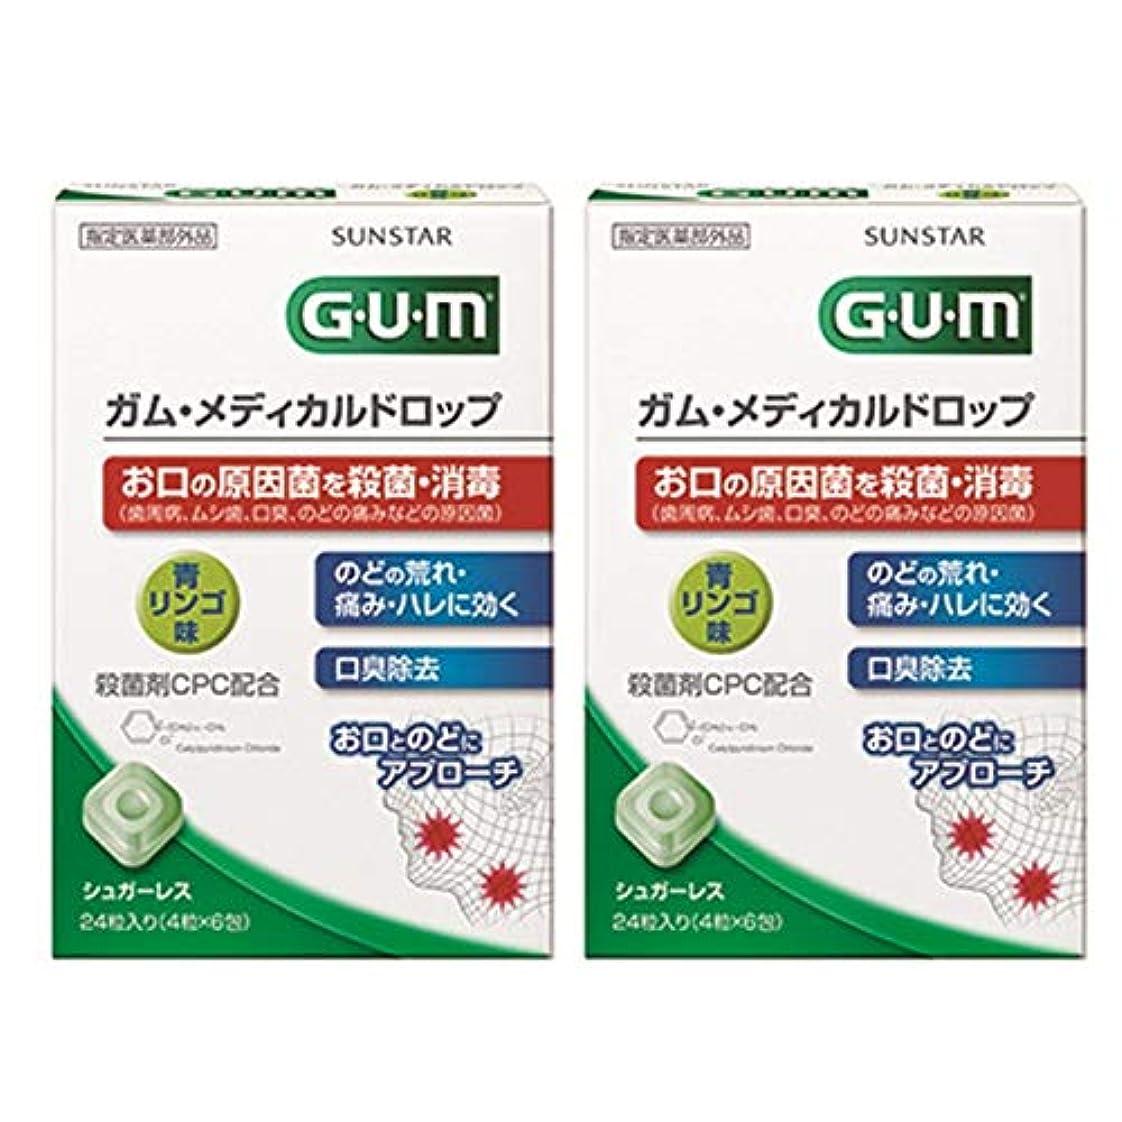 バズアリス気づく[指定医薬部外品] GUM(ガム) メディカルドロップ 青リンゴ味 2個パック <口臭除去?のどの荒れ、痛み、ハレ対策>